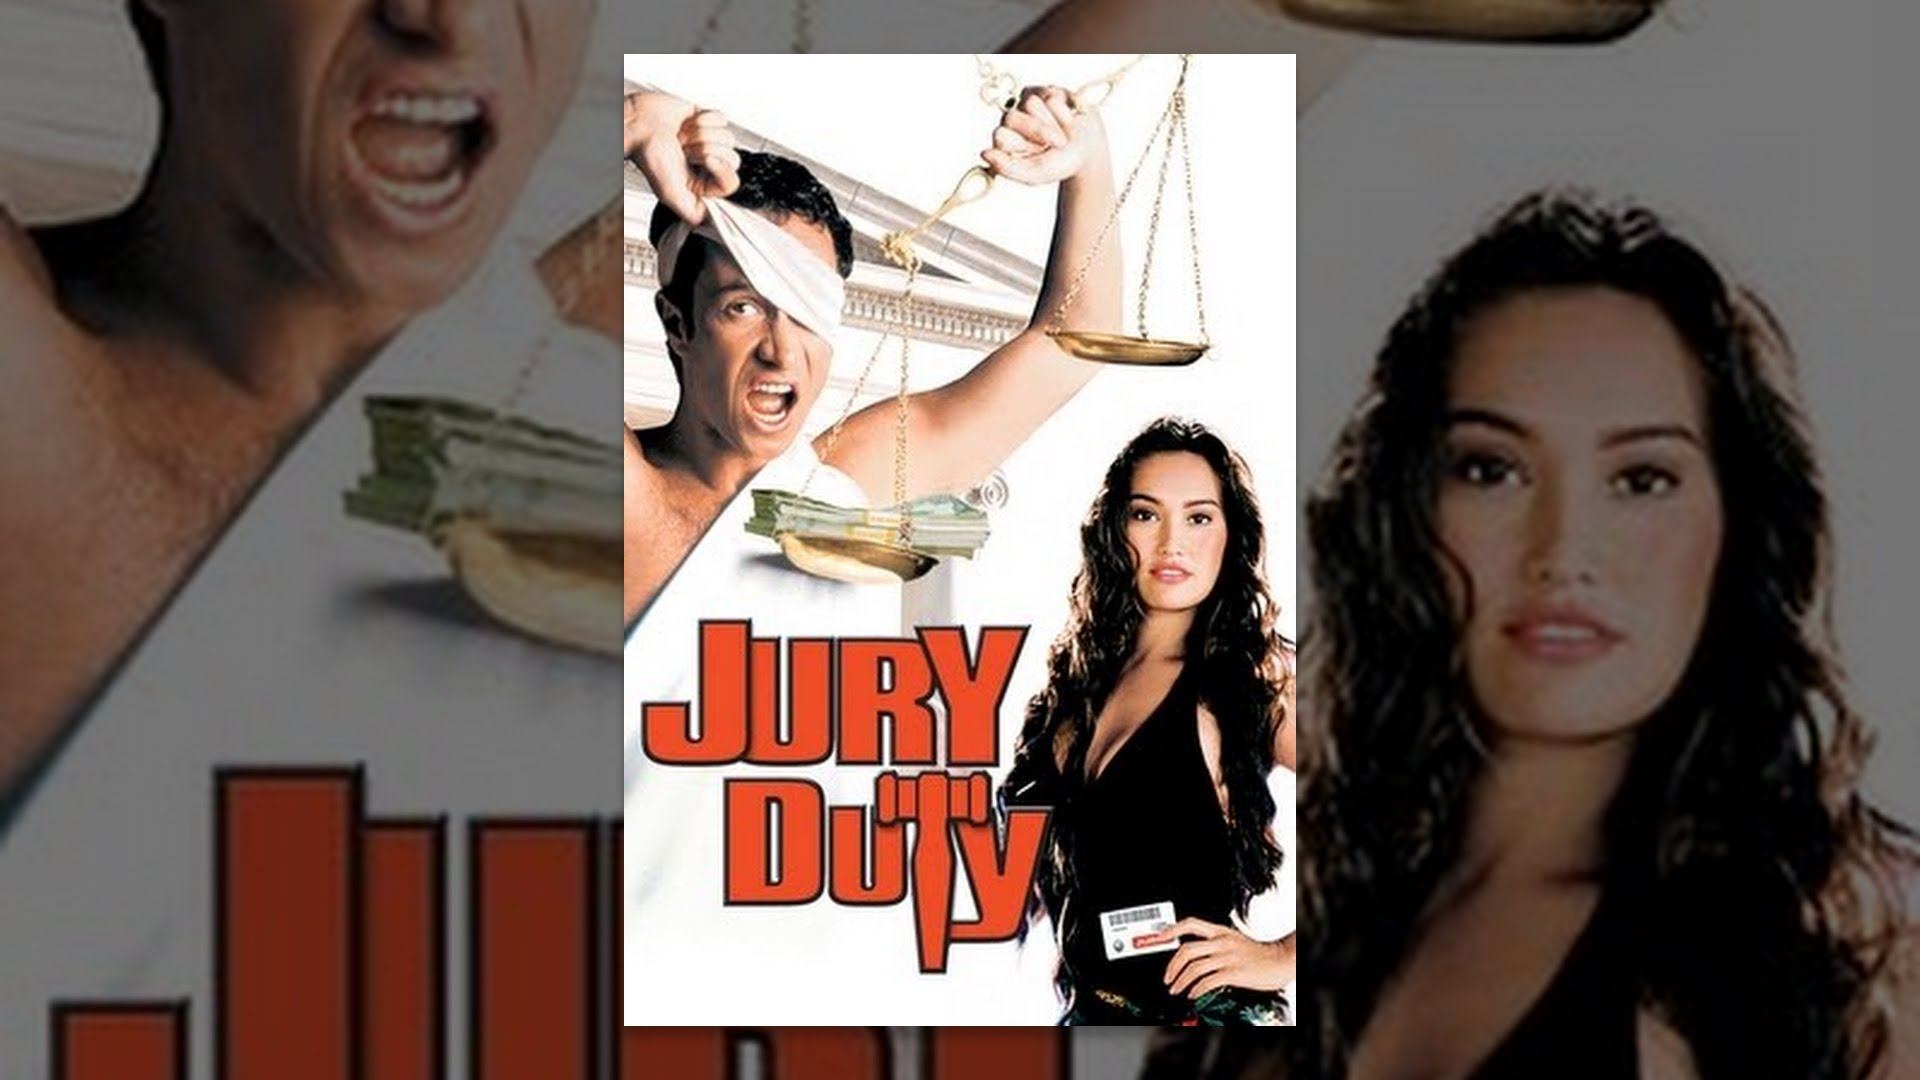 Jury Duty - YouTube